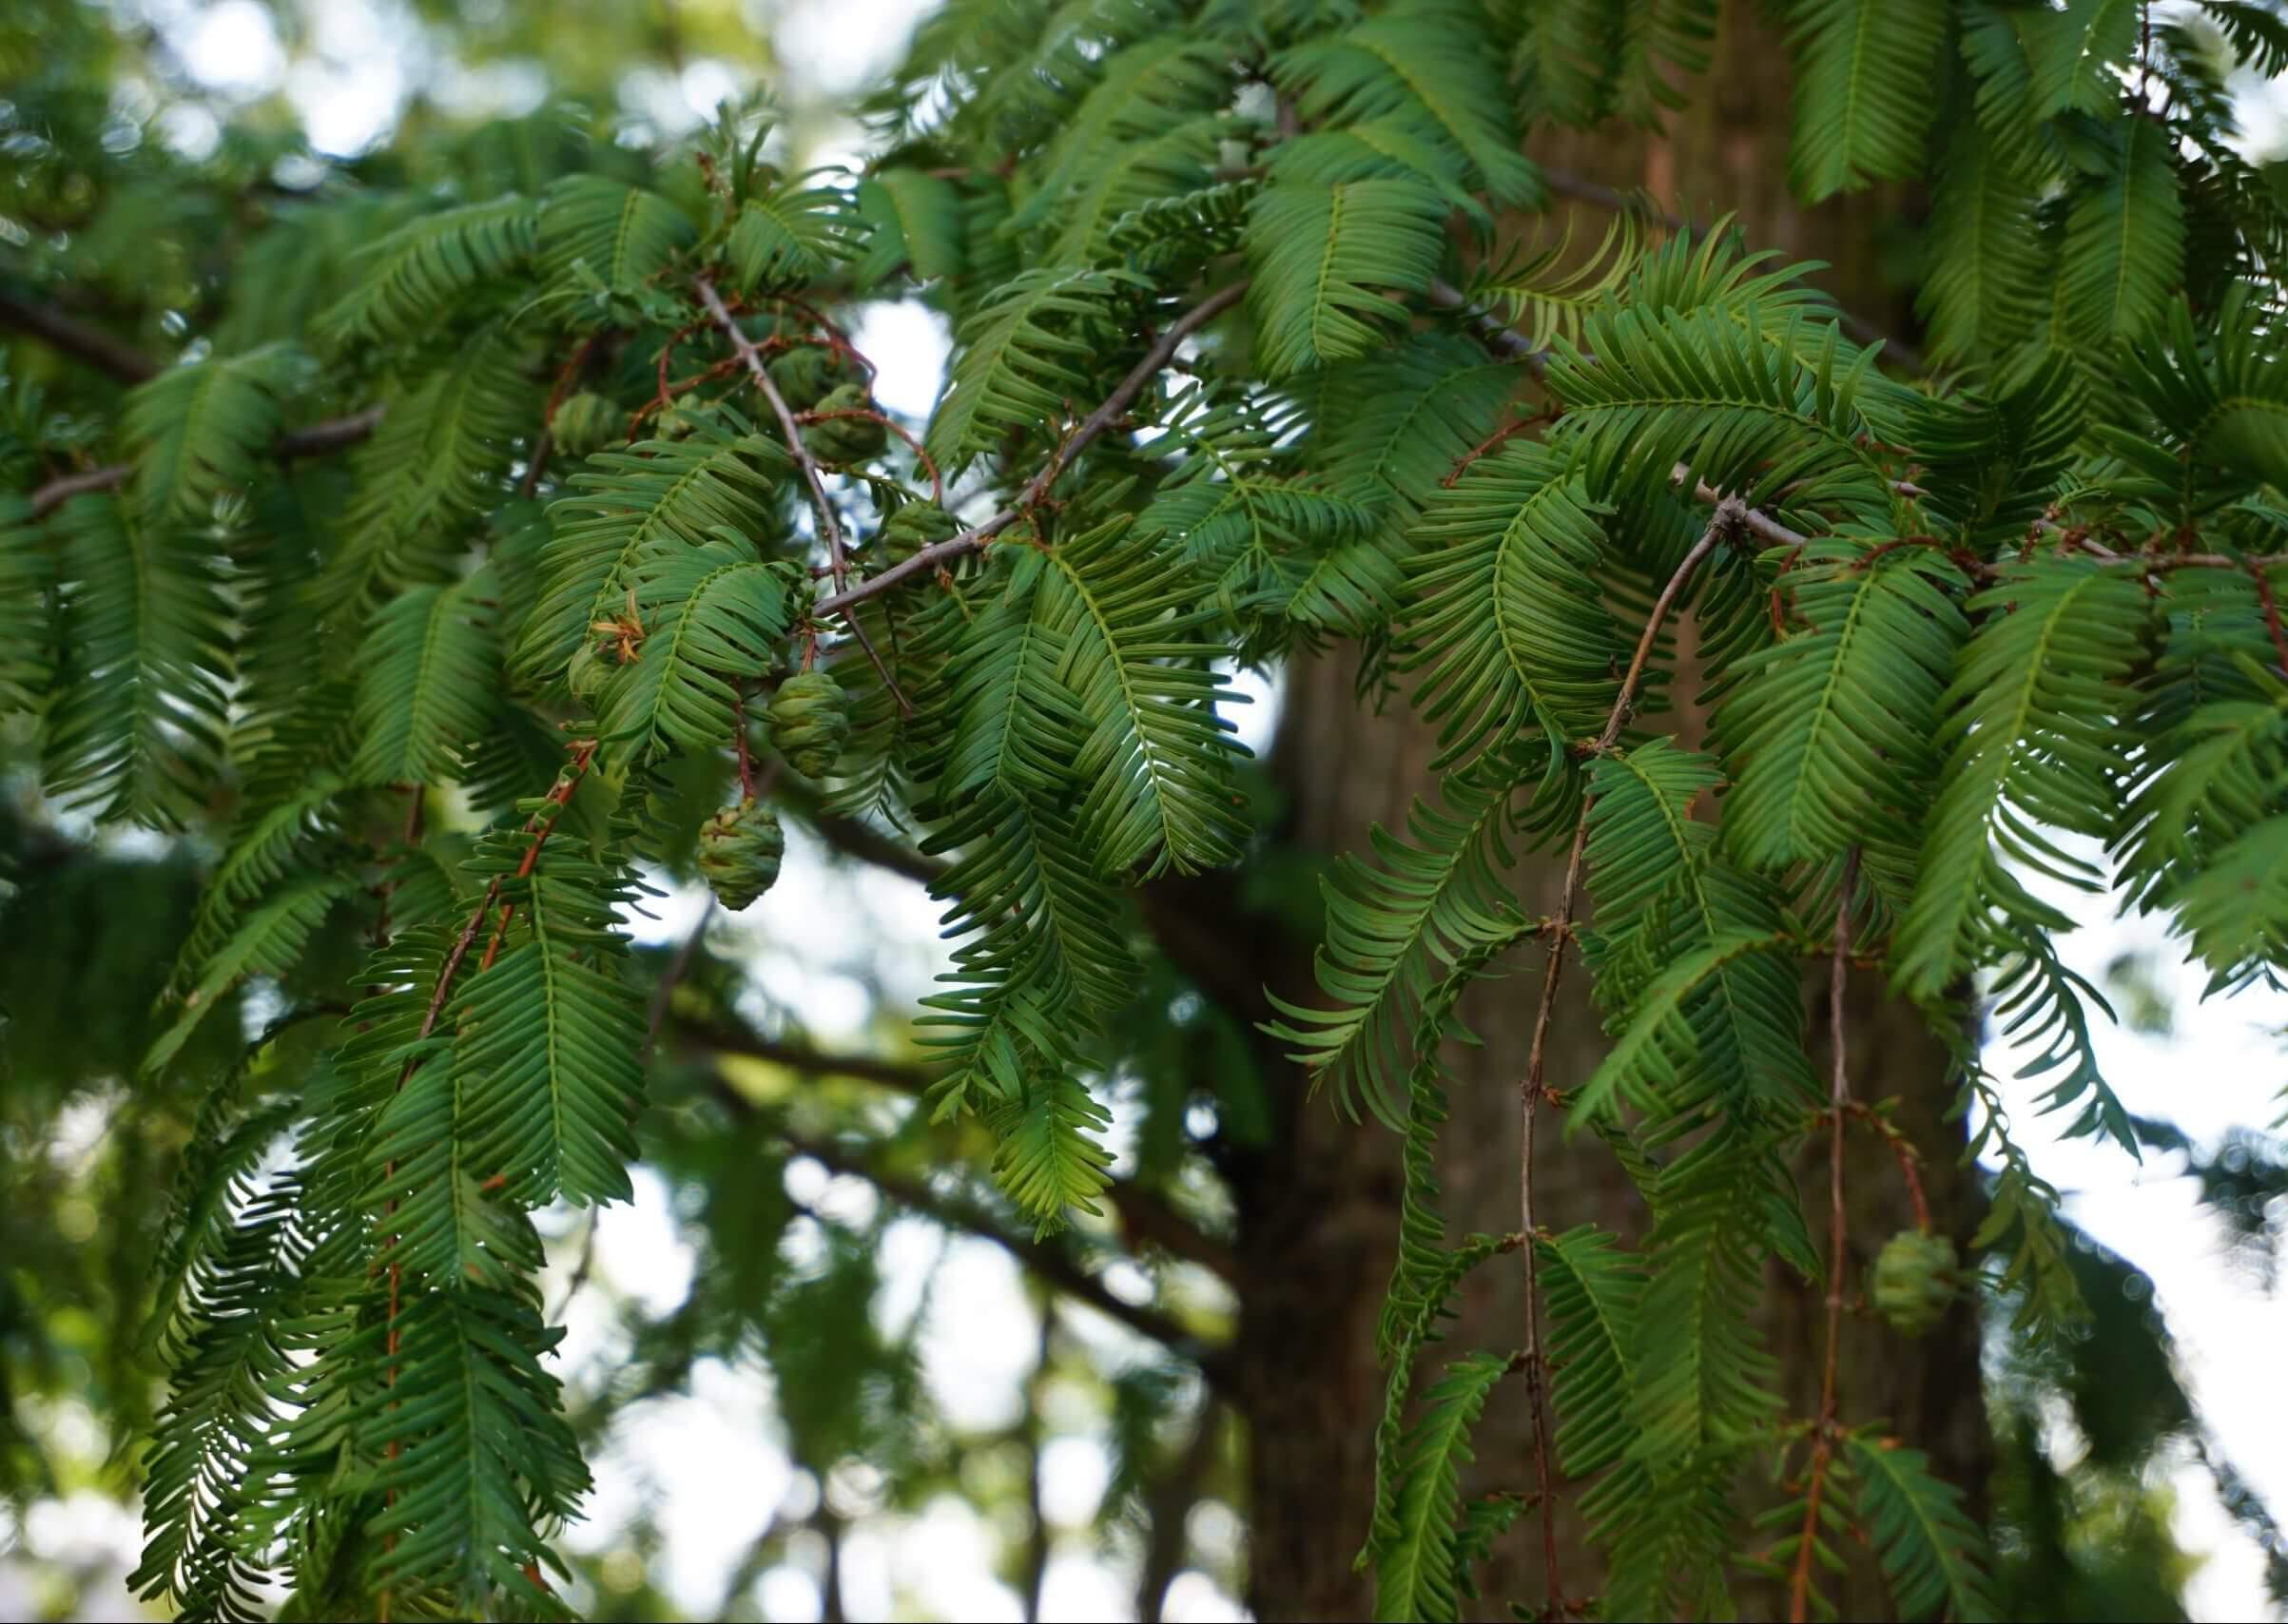 Das Bild zeigt die Zweige mit den Fiederblättern und einige noch grüne Zapfen an einem Urweltmammutbaum im Kosmosviertel. Die Aufnahme erfolgte im August.